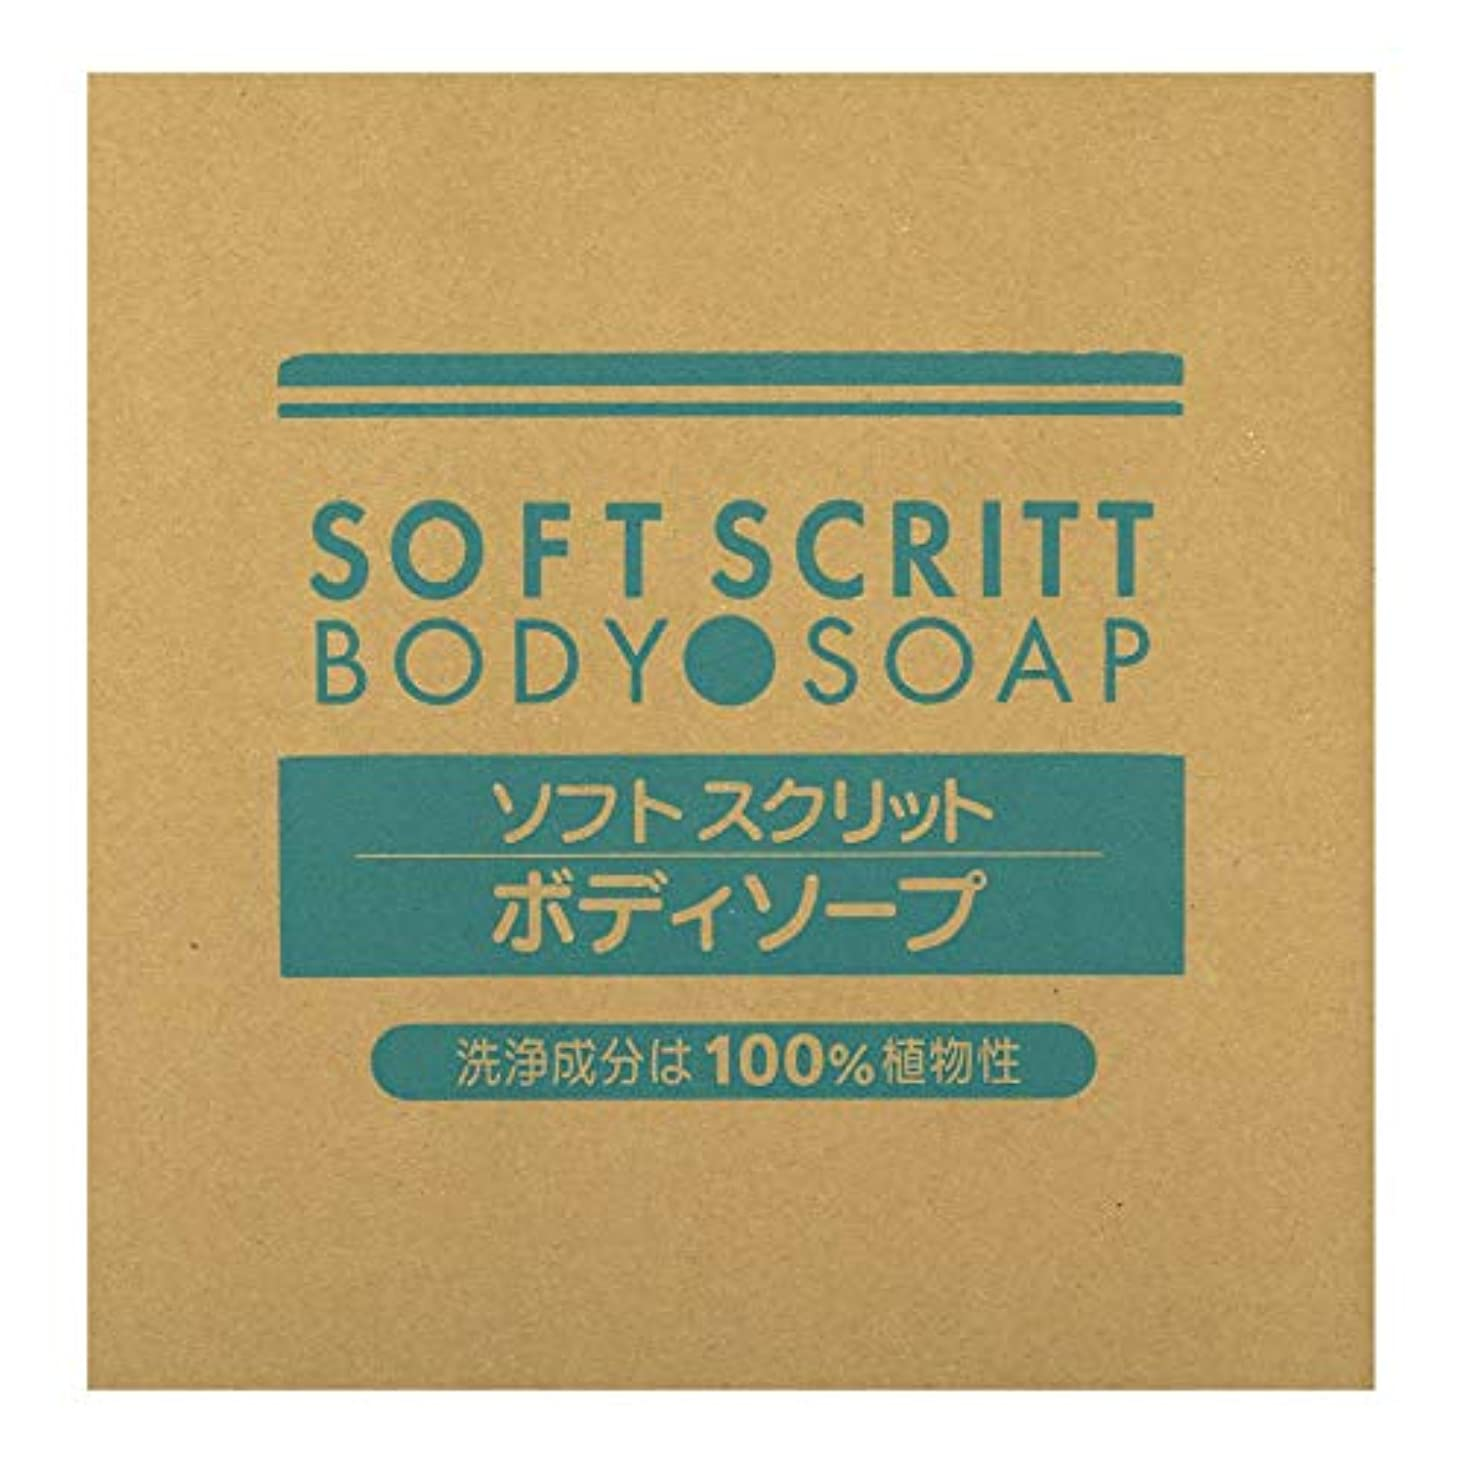 アパル正直パネル熊野油脂 業務用 SOFT SCRITT(ソフト スクリット) ボディソープ 18L